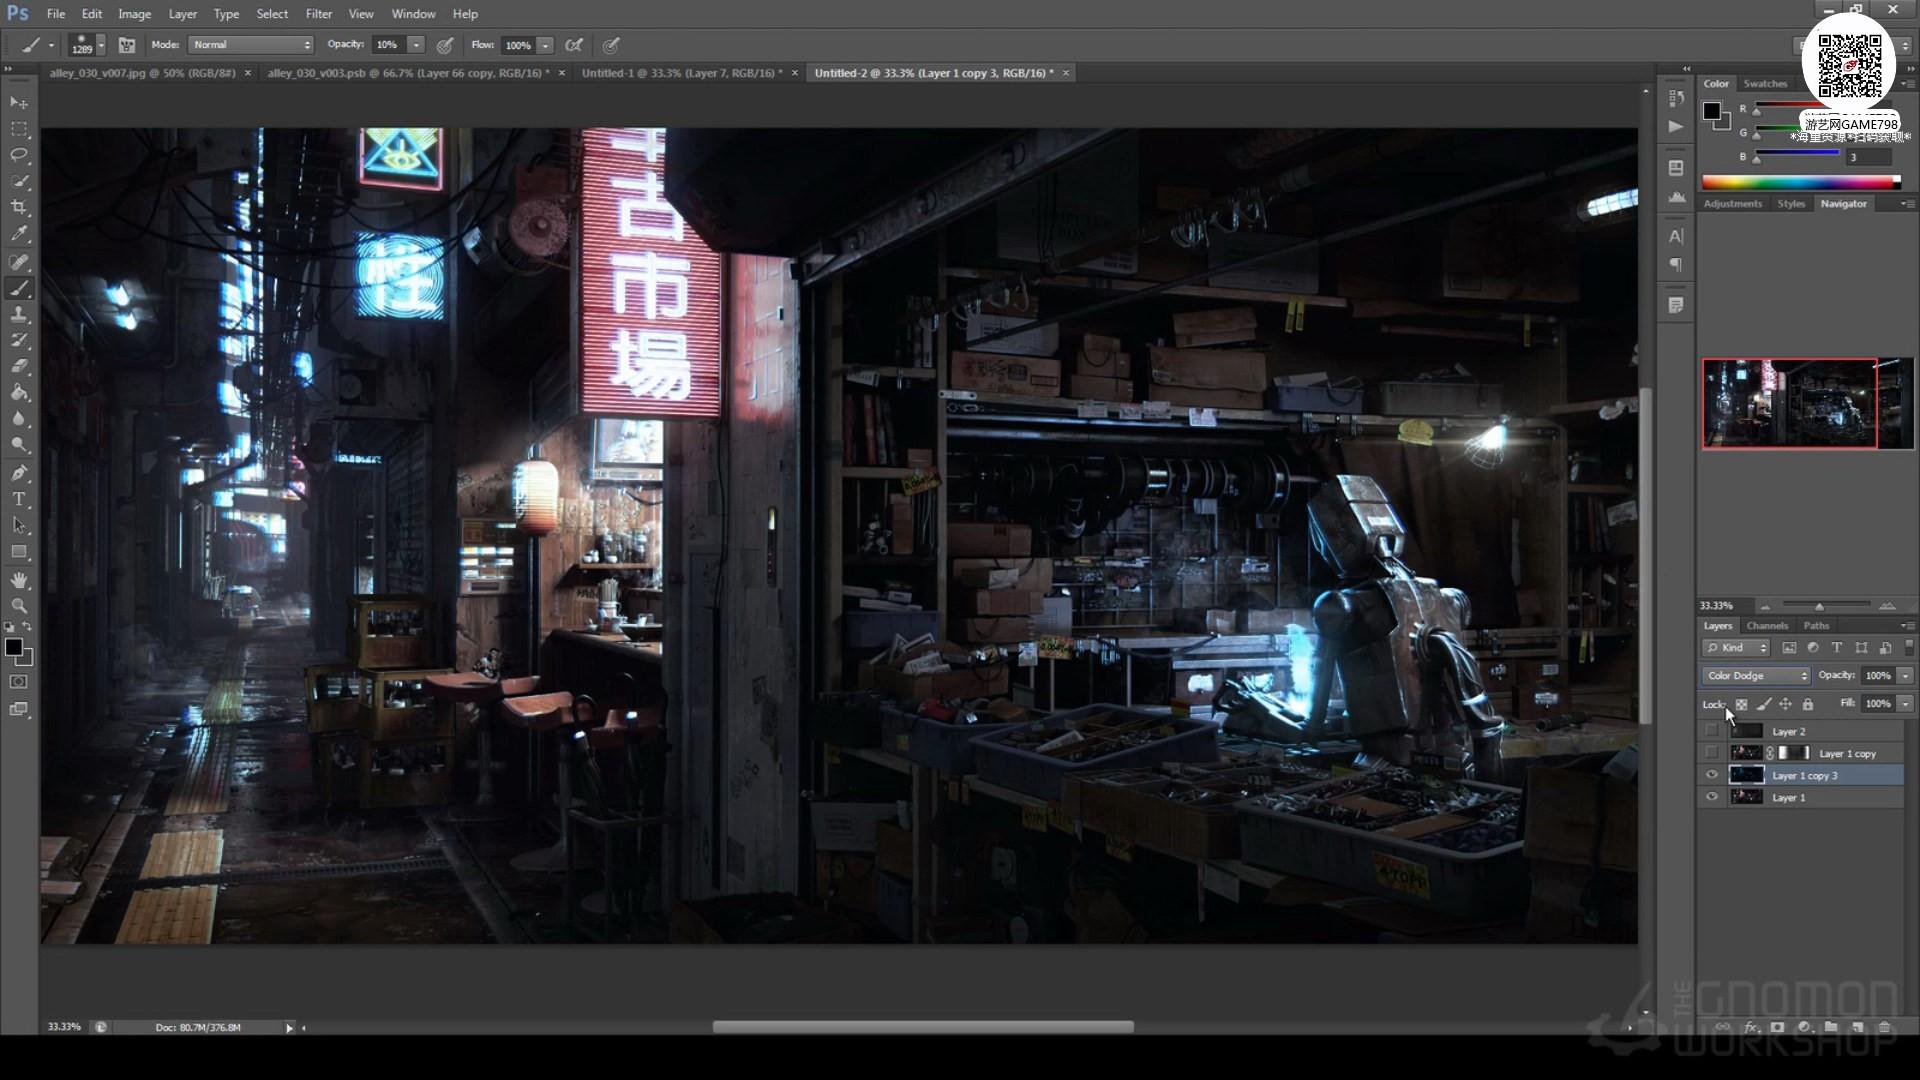 028_关注-游艺网GAME798海量资源下载【视频教程】MAYA制作科幻场景.jpg